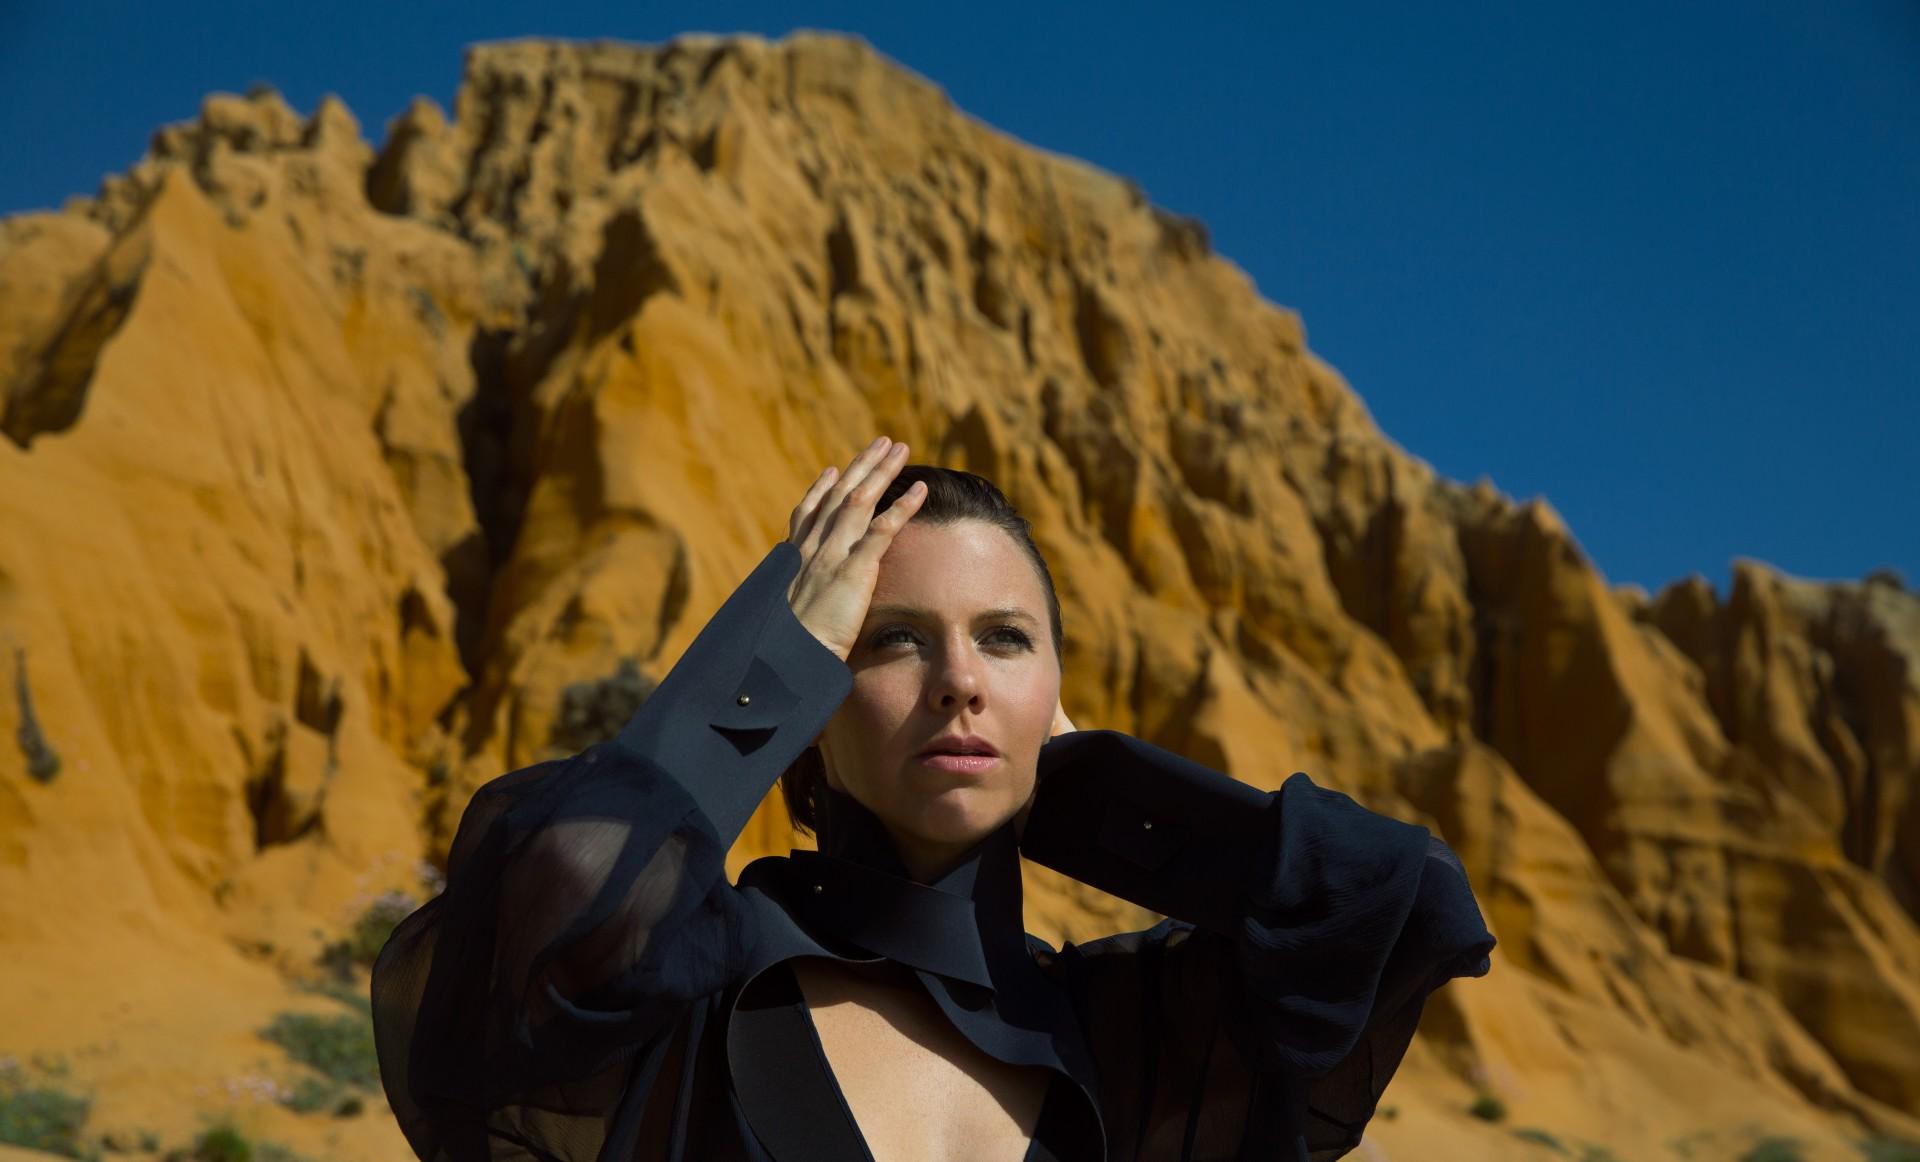 Sarah Neufeld featuring Stefan Schneider